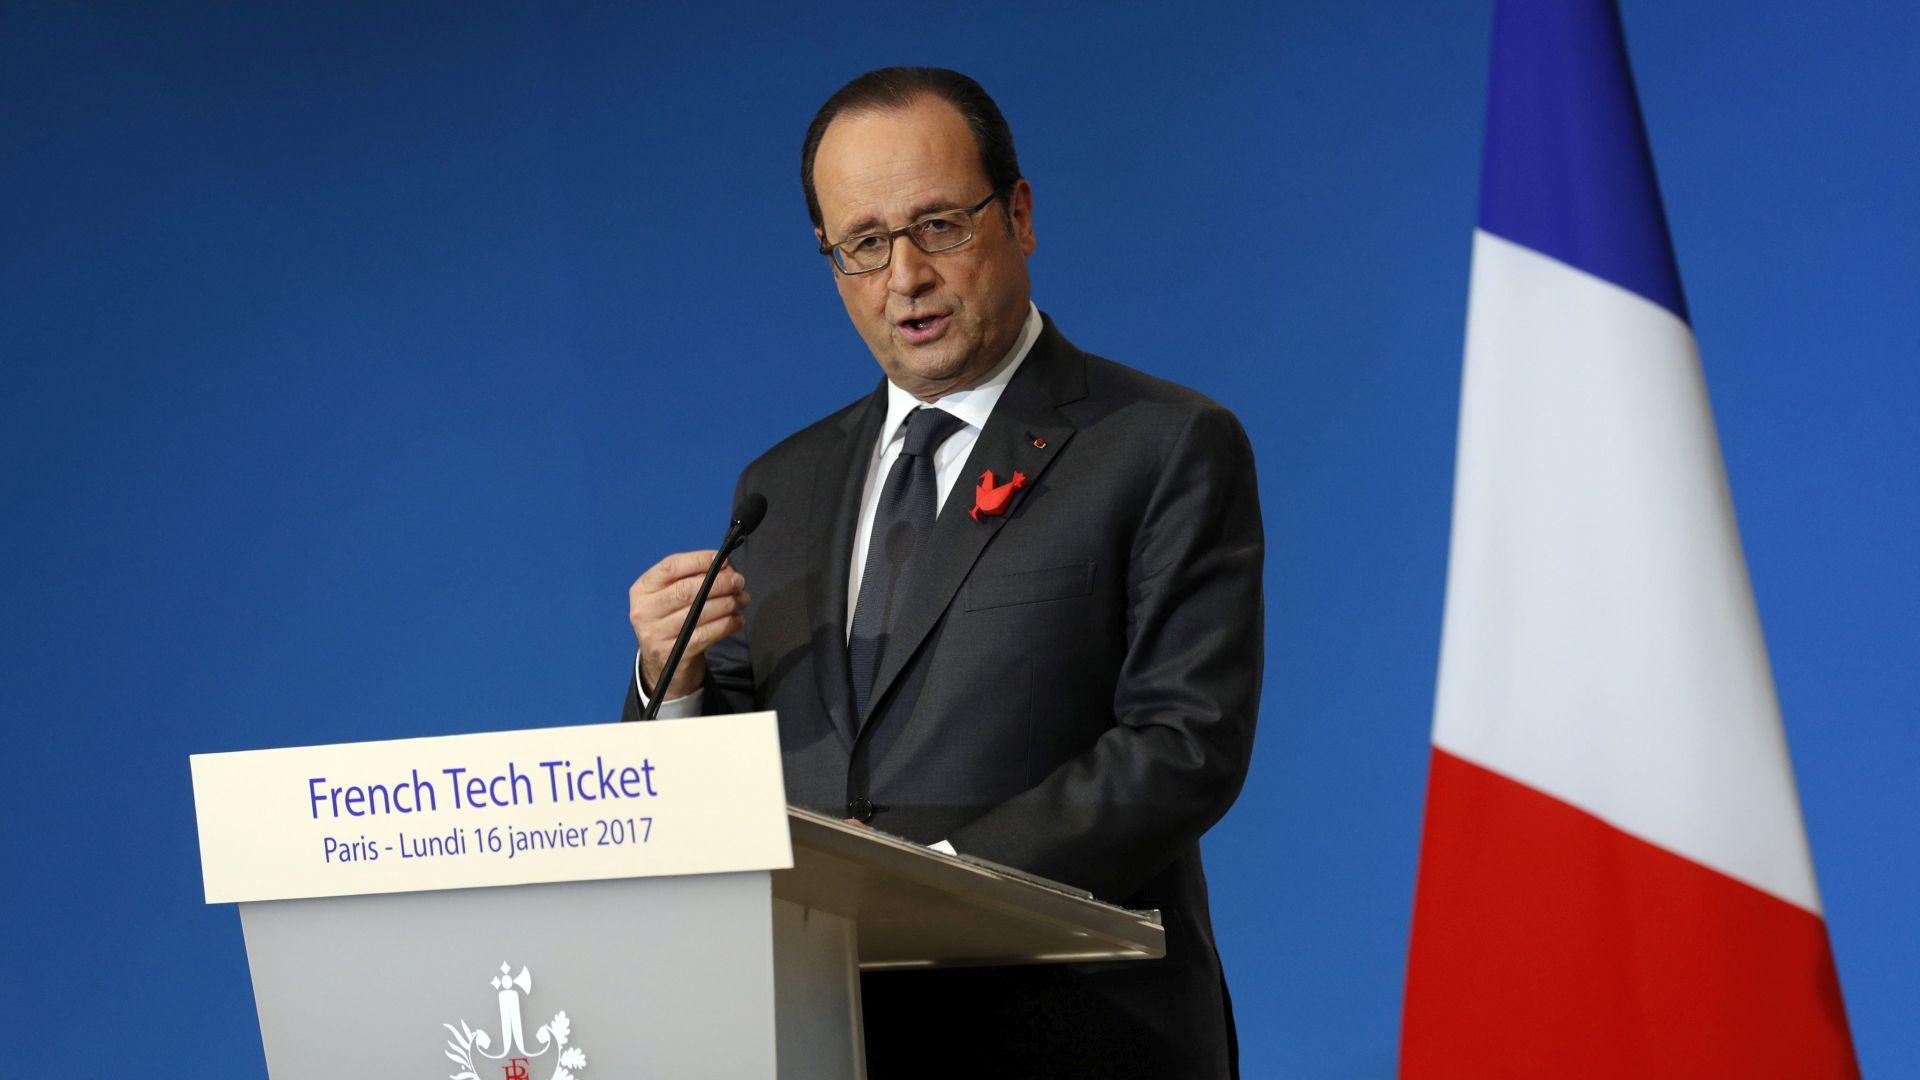 FRANCUSKA Snajperist ustrijelio dvoje ljudi za vrijeme govora predsjednika